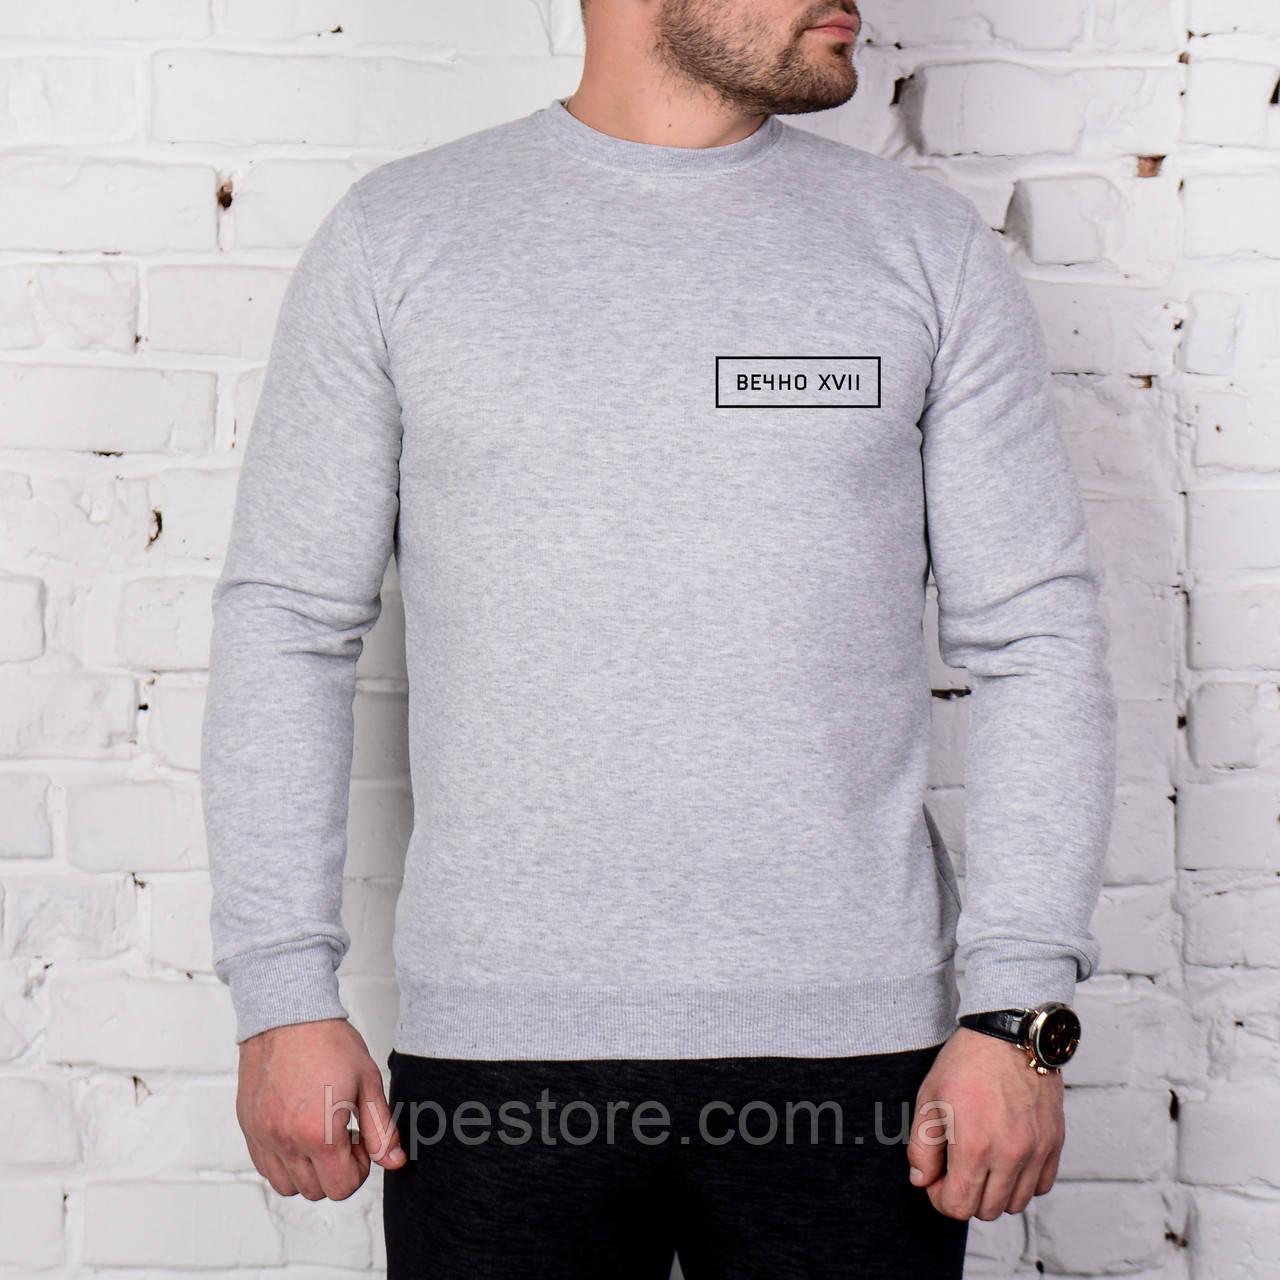 Мужской спортивный серый свитшот, кофта, лонгслив, реглан Вечно 17, Реплика